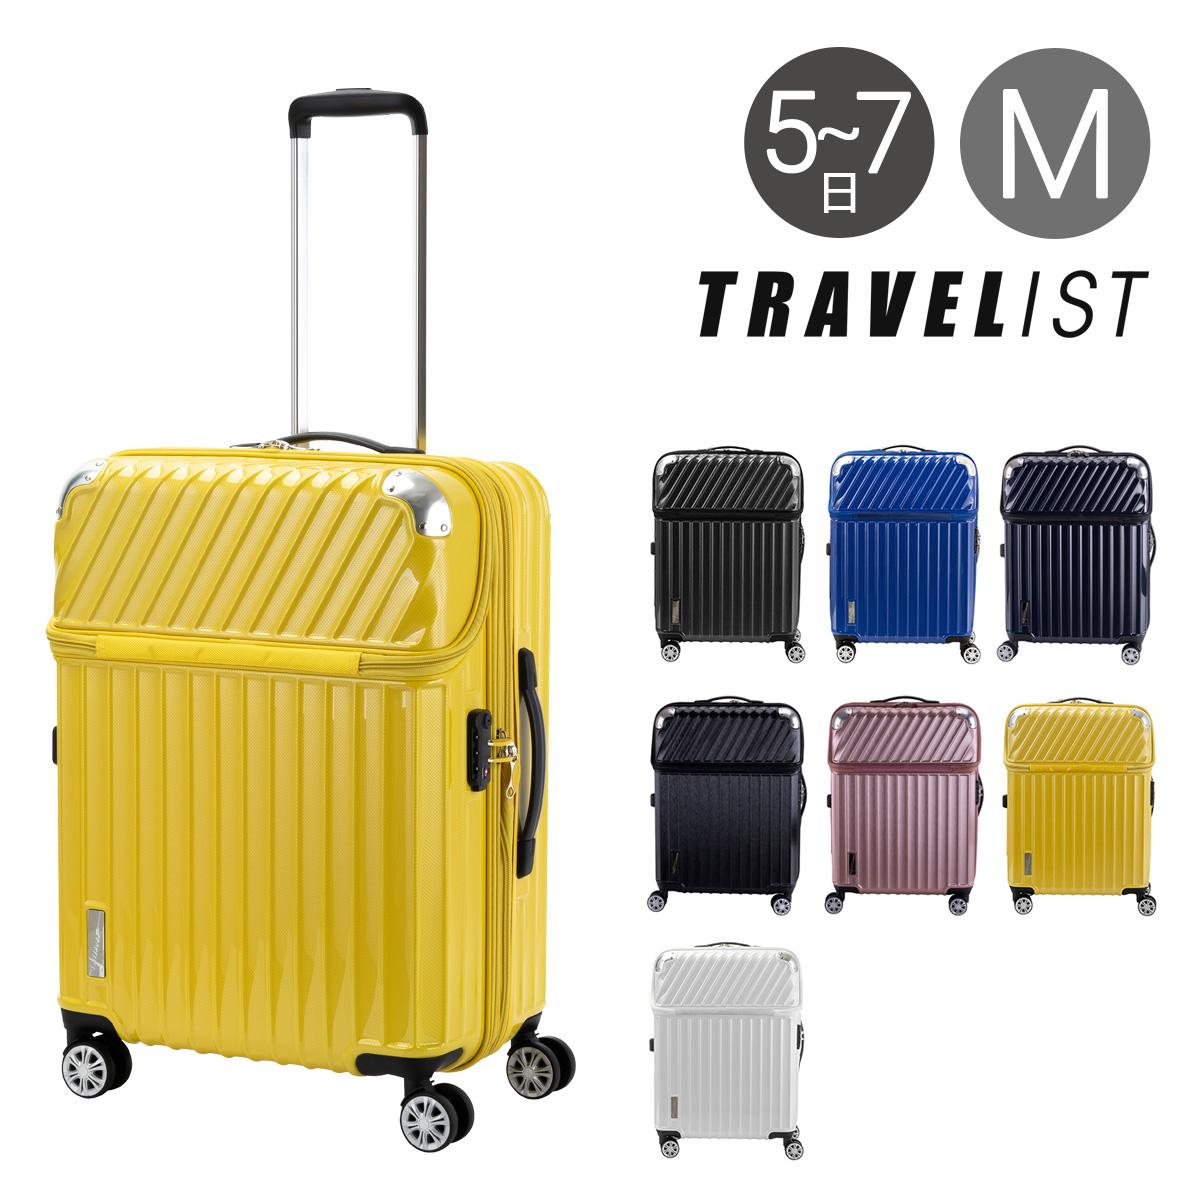 トラベリスト スーツケース モーメント|61L/72L 58cm 4.3kg 76-20300|トップオープン フロントオープン 拡張|ハード ファスナー TSAロック搭載 ポケット付き ビジネス [bef][PO10]